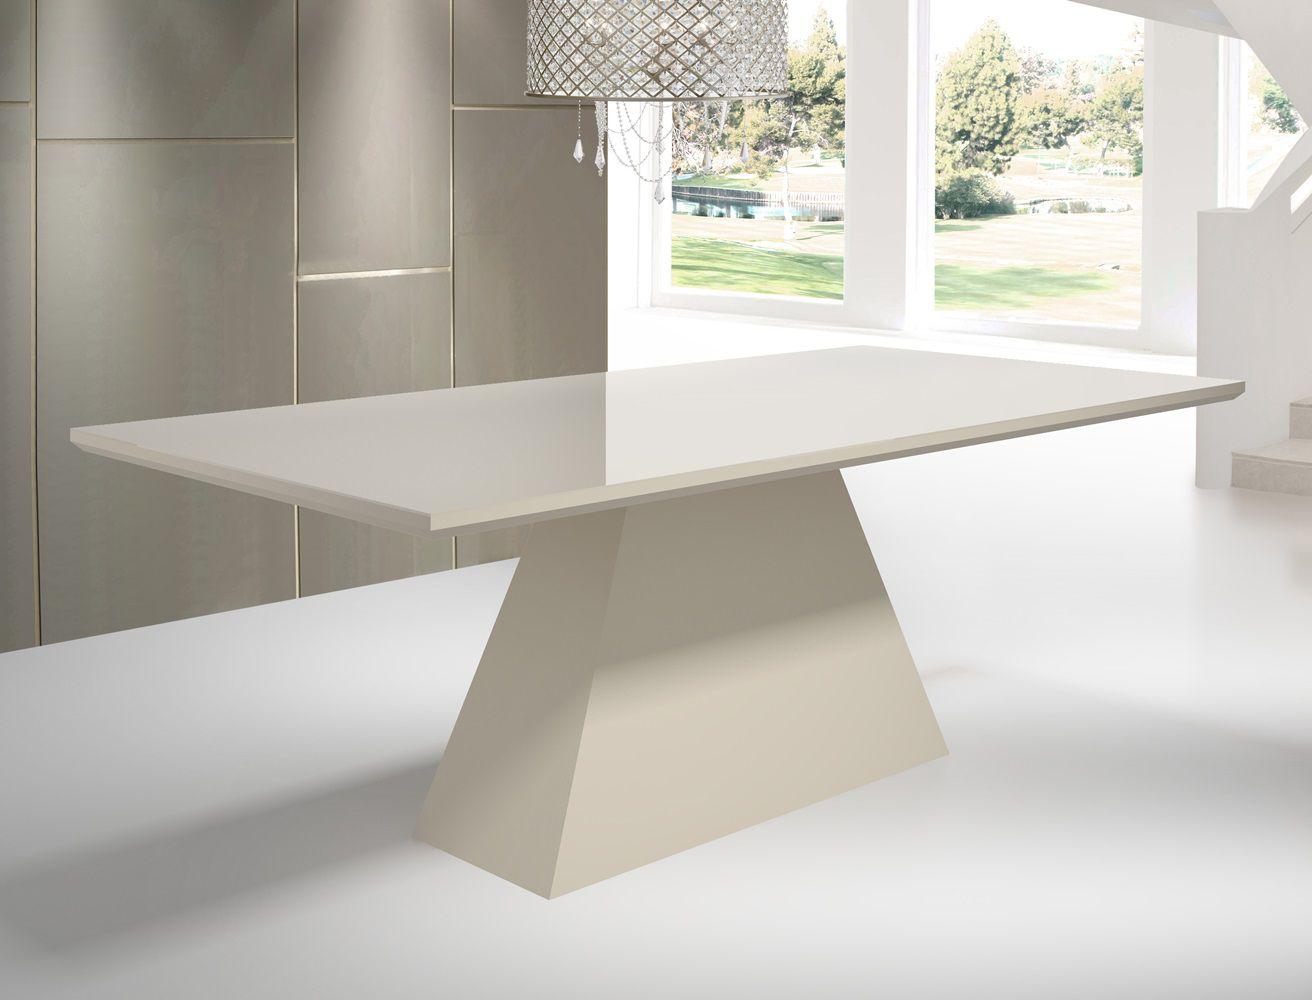 Mesa de Jantar Retangular com Vidro Tamanho ( 90cm X 220cm ) - Floripa